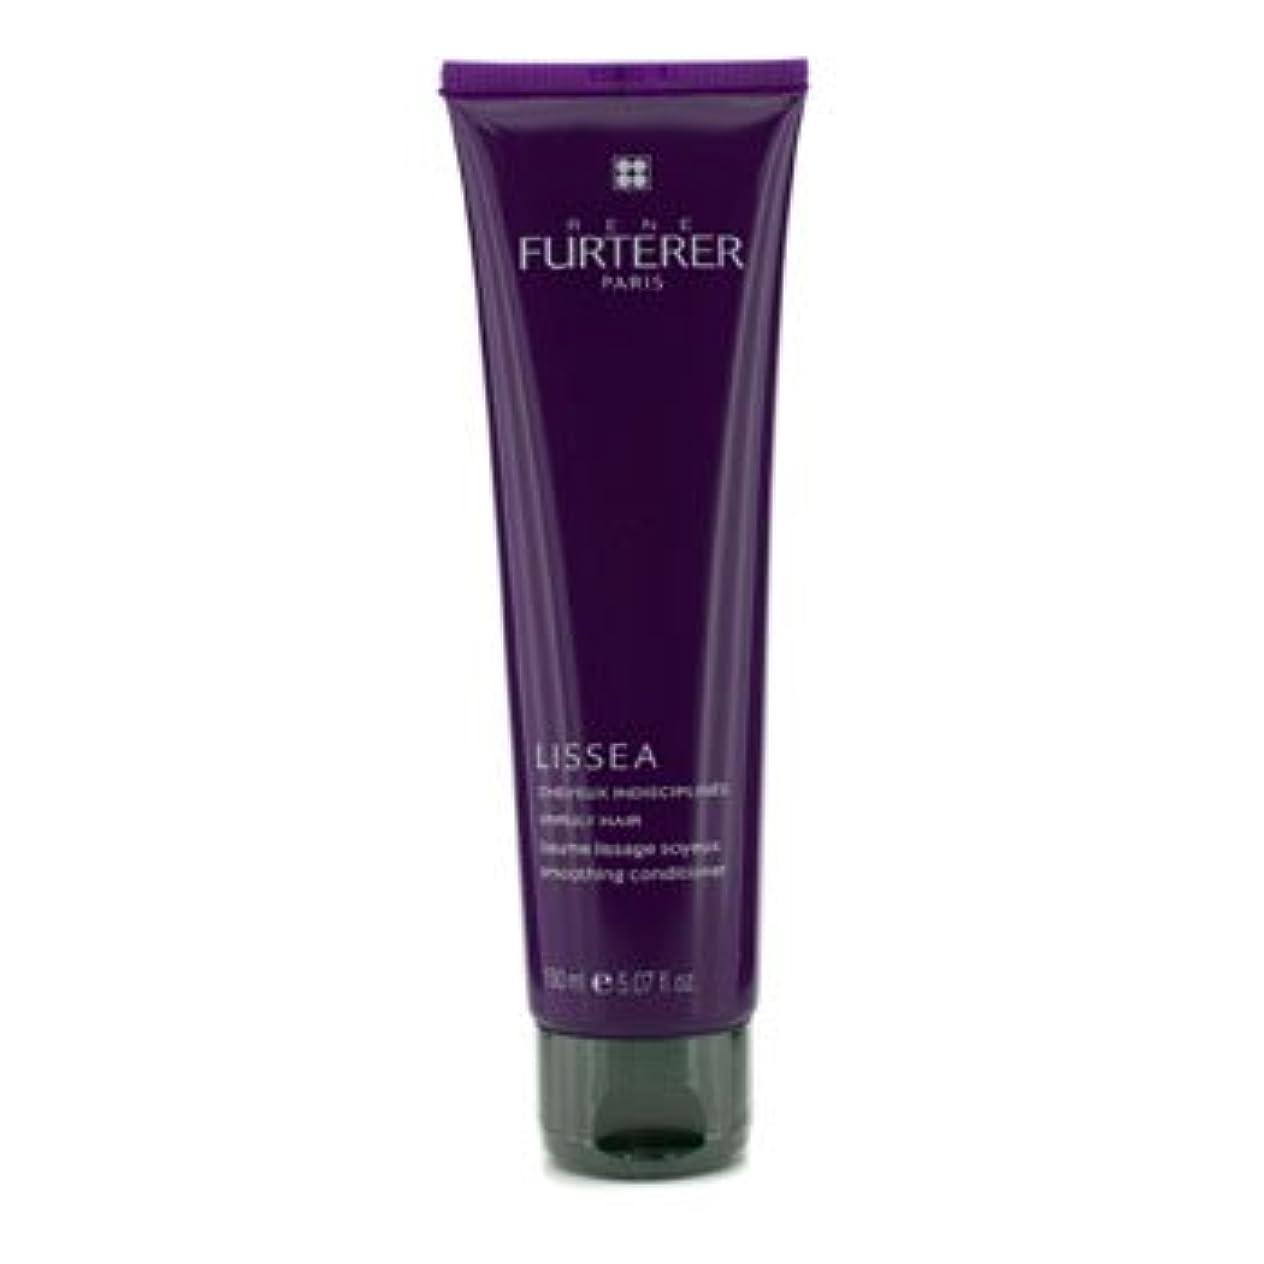 しおれた戸口地球[Rene Furterer] Lissea Smoothing Conditioner (For Unruly Hair) 150ml/5.07oz